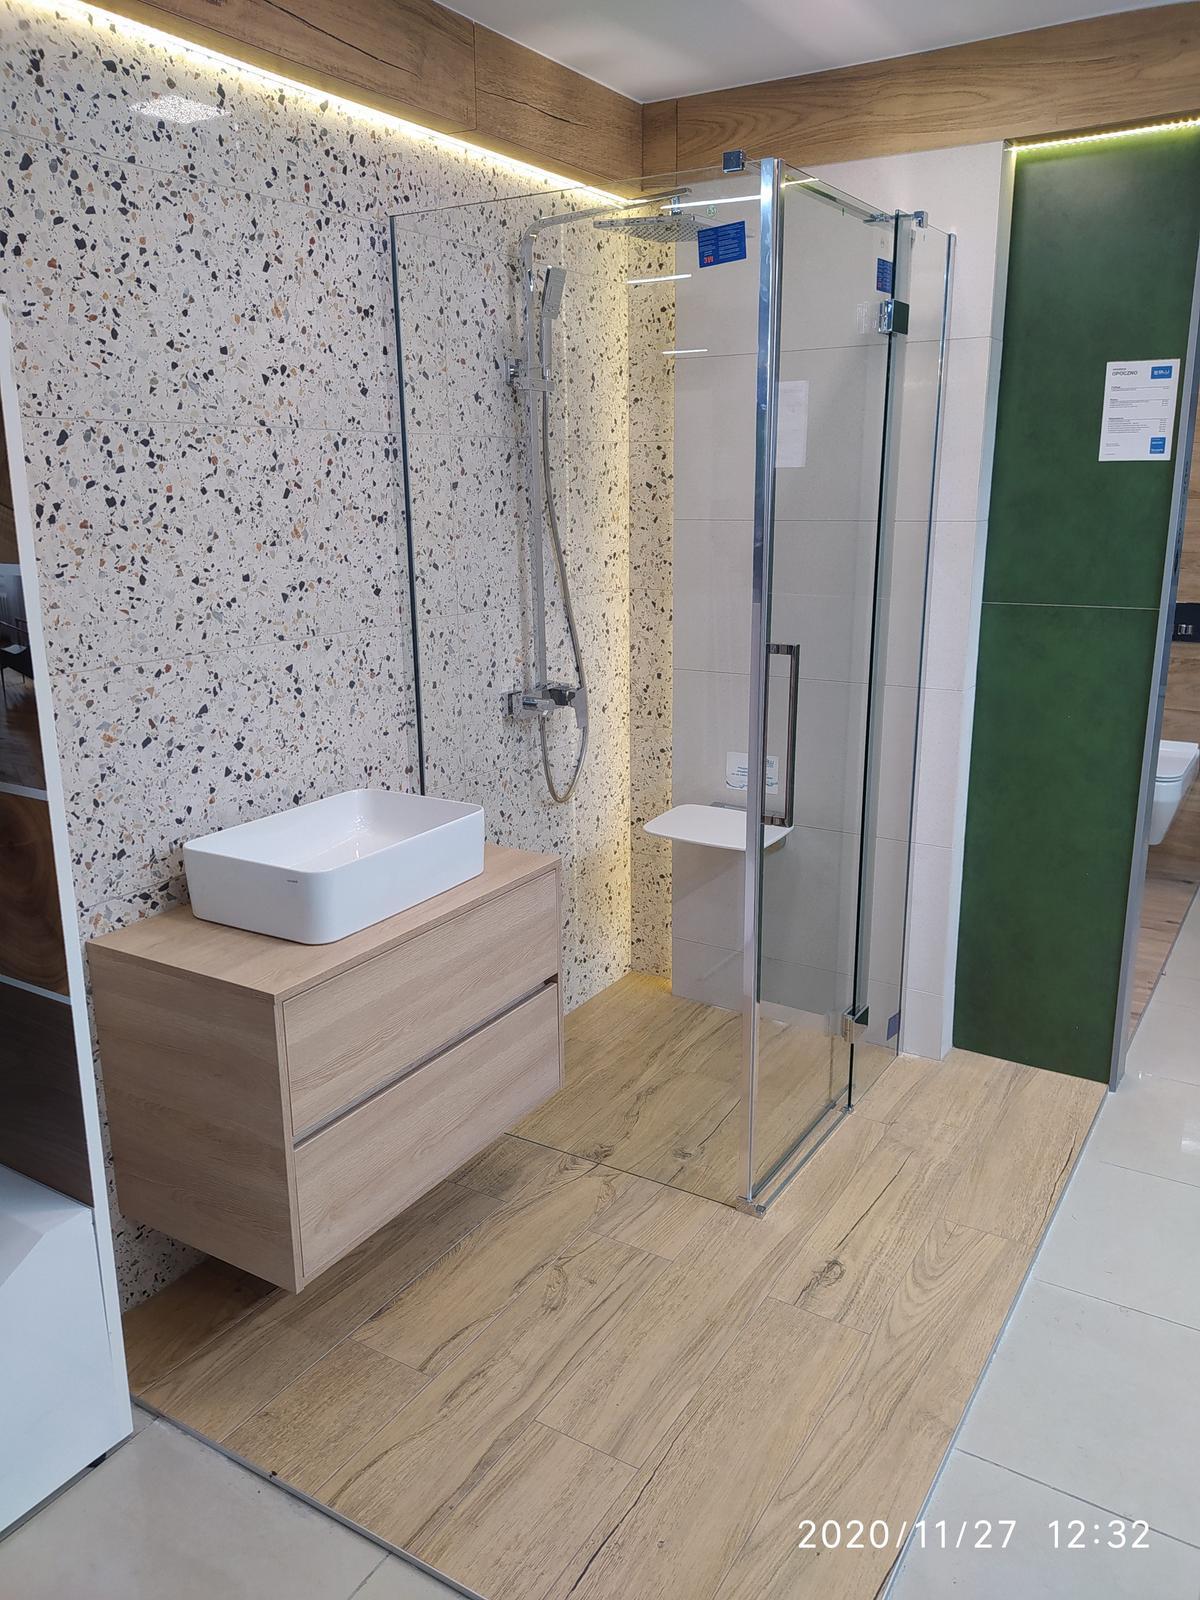 Płytki Cersanit Hika, inspirowane wzorem lastryka w BLU Bochnia - zdjęcie od BLU salon łazienek Bochnia